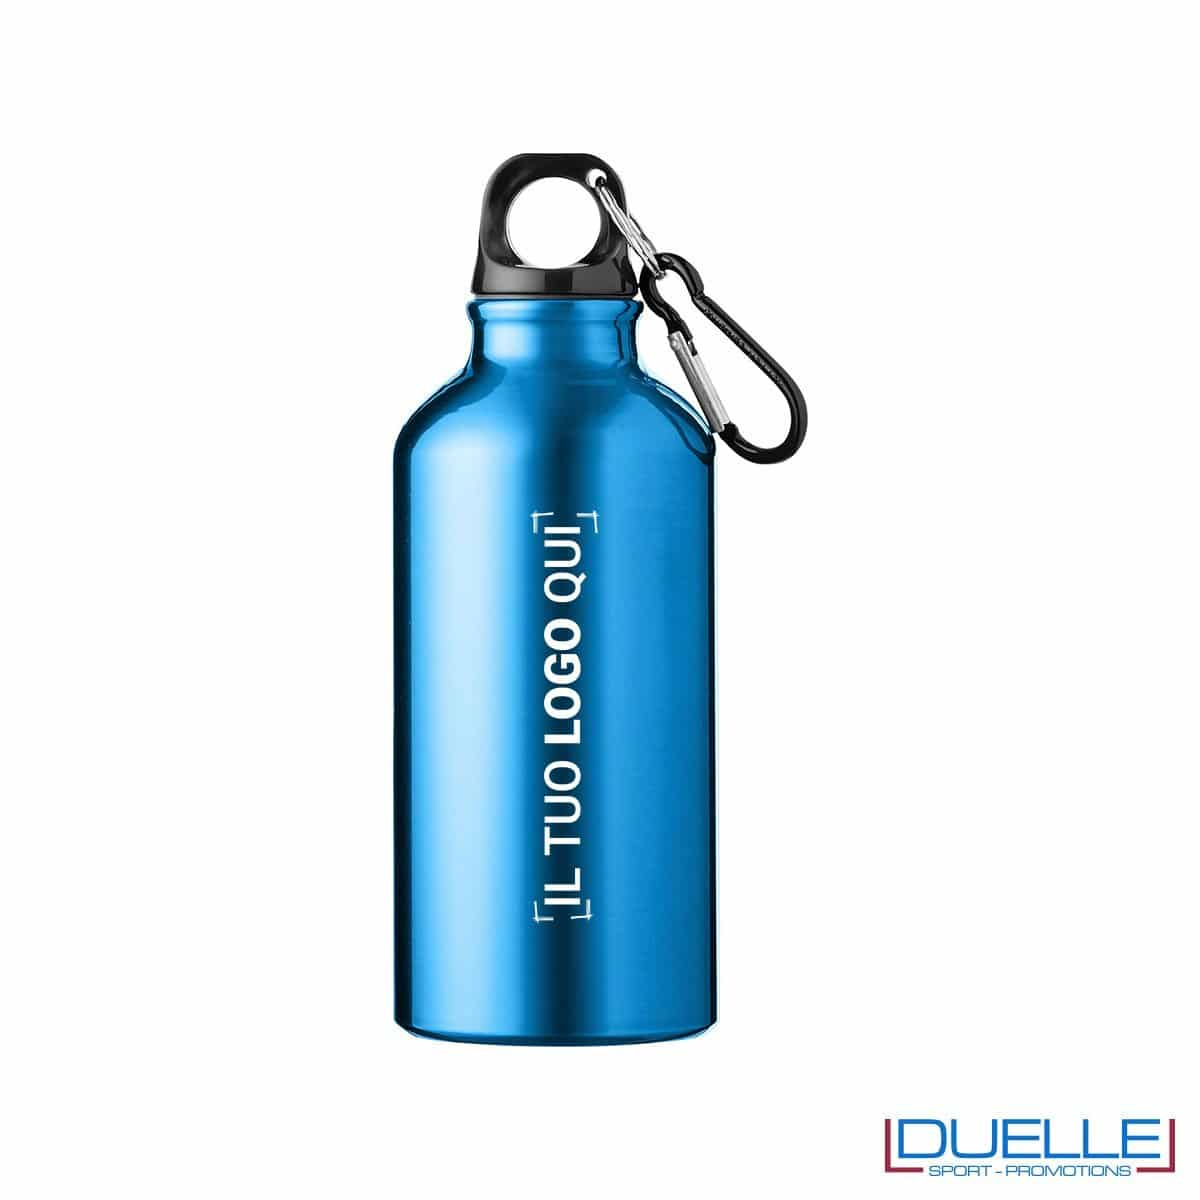 Borraccia personalizzata in alluminio anodizzato colore blu personalizzata con incisione